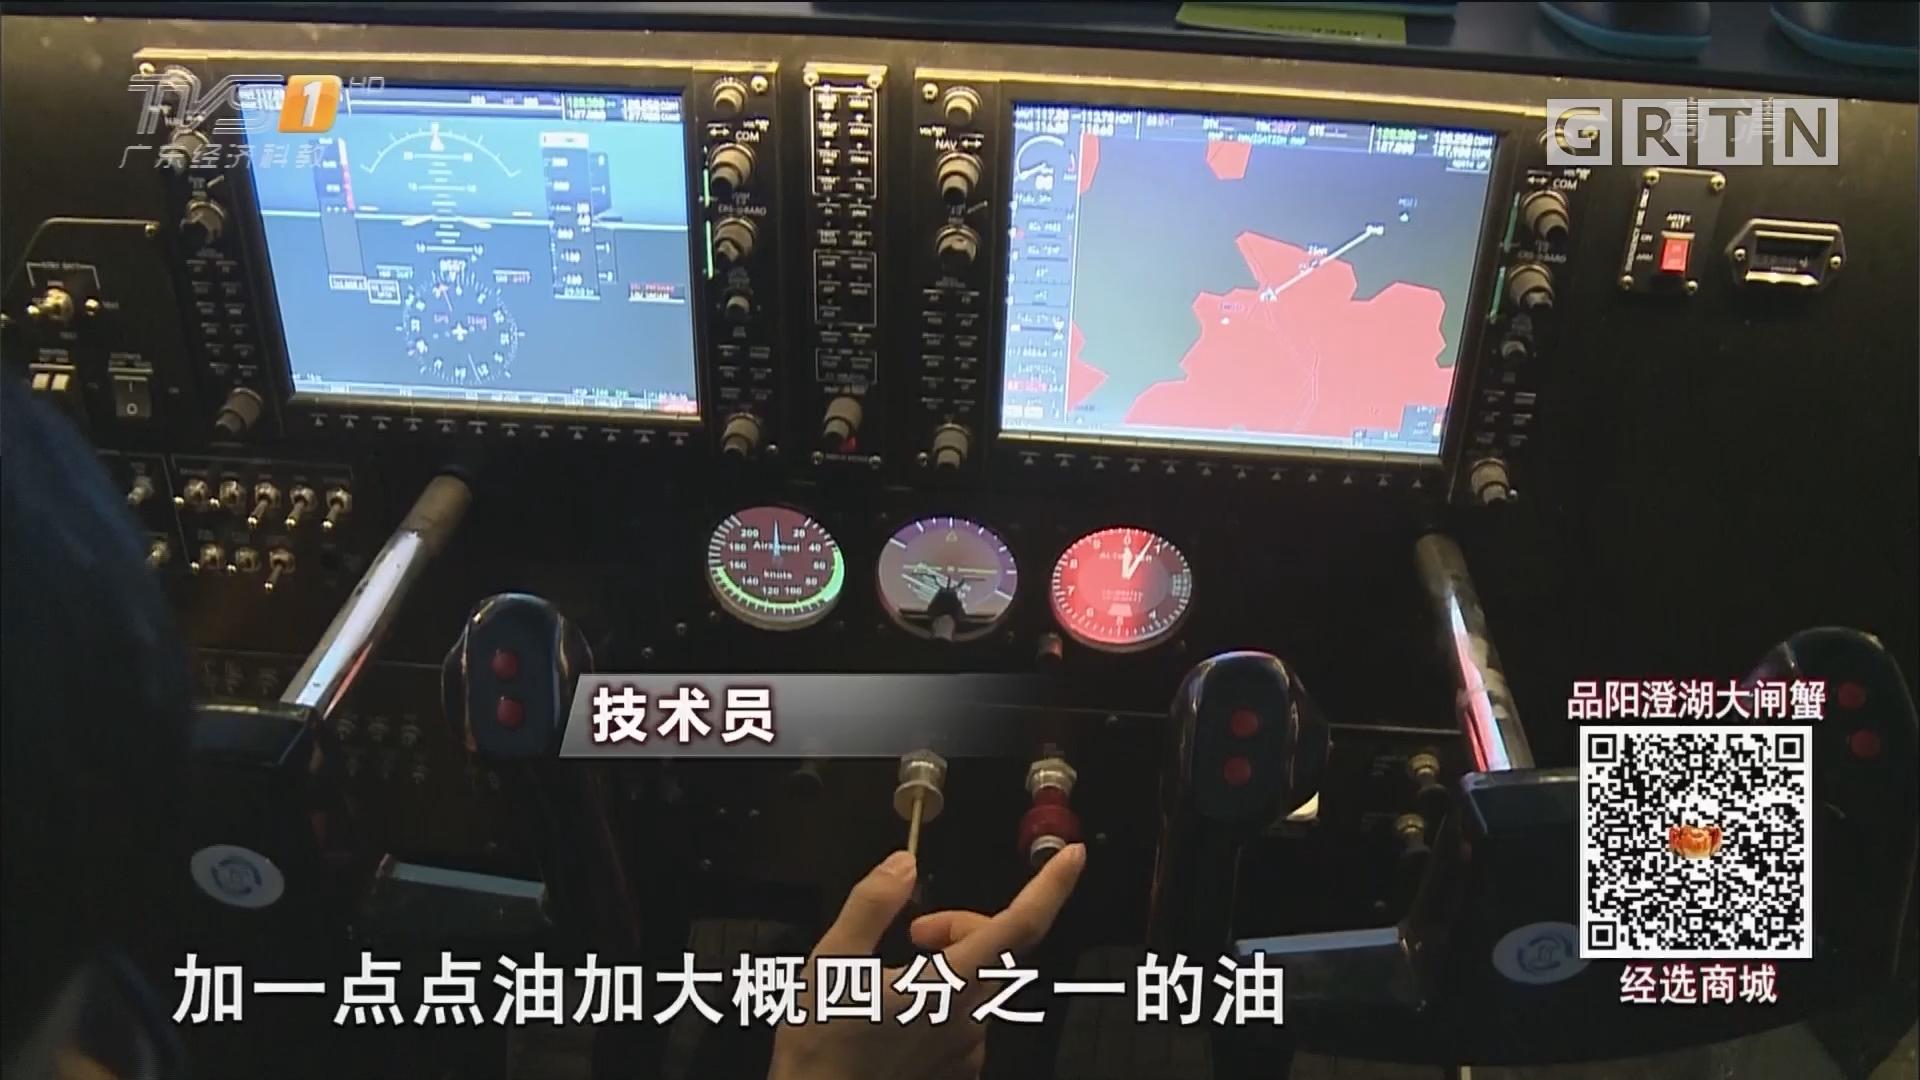 深圳飞训展大搜索 体验模拟飞行器